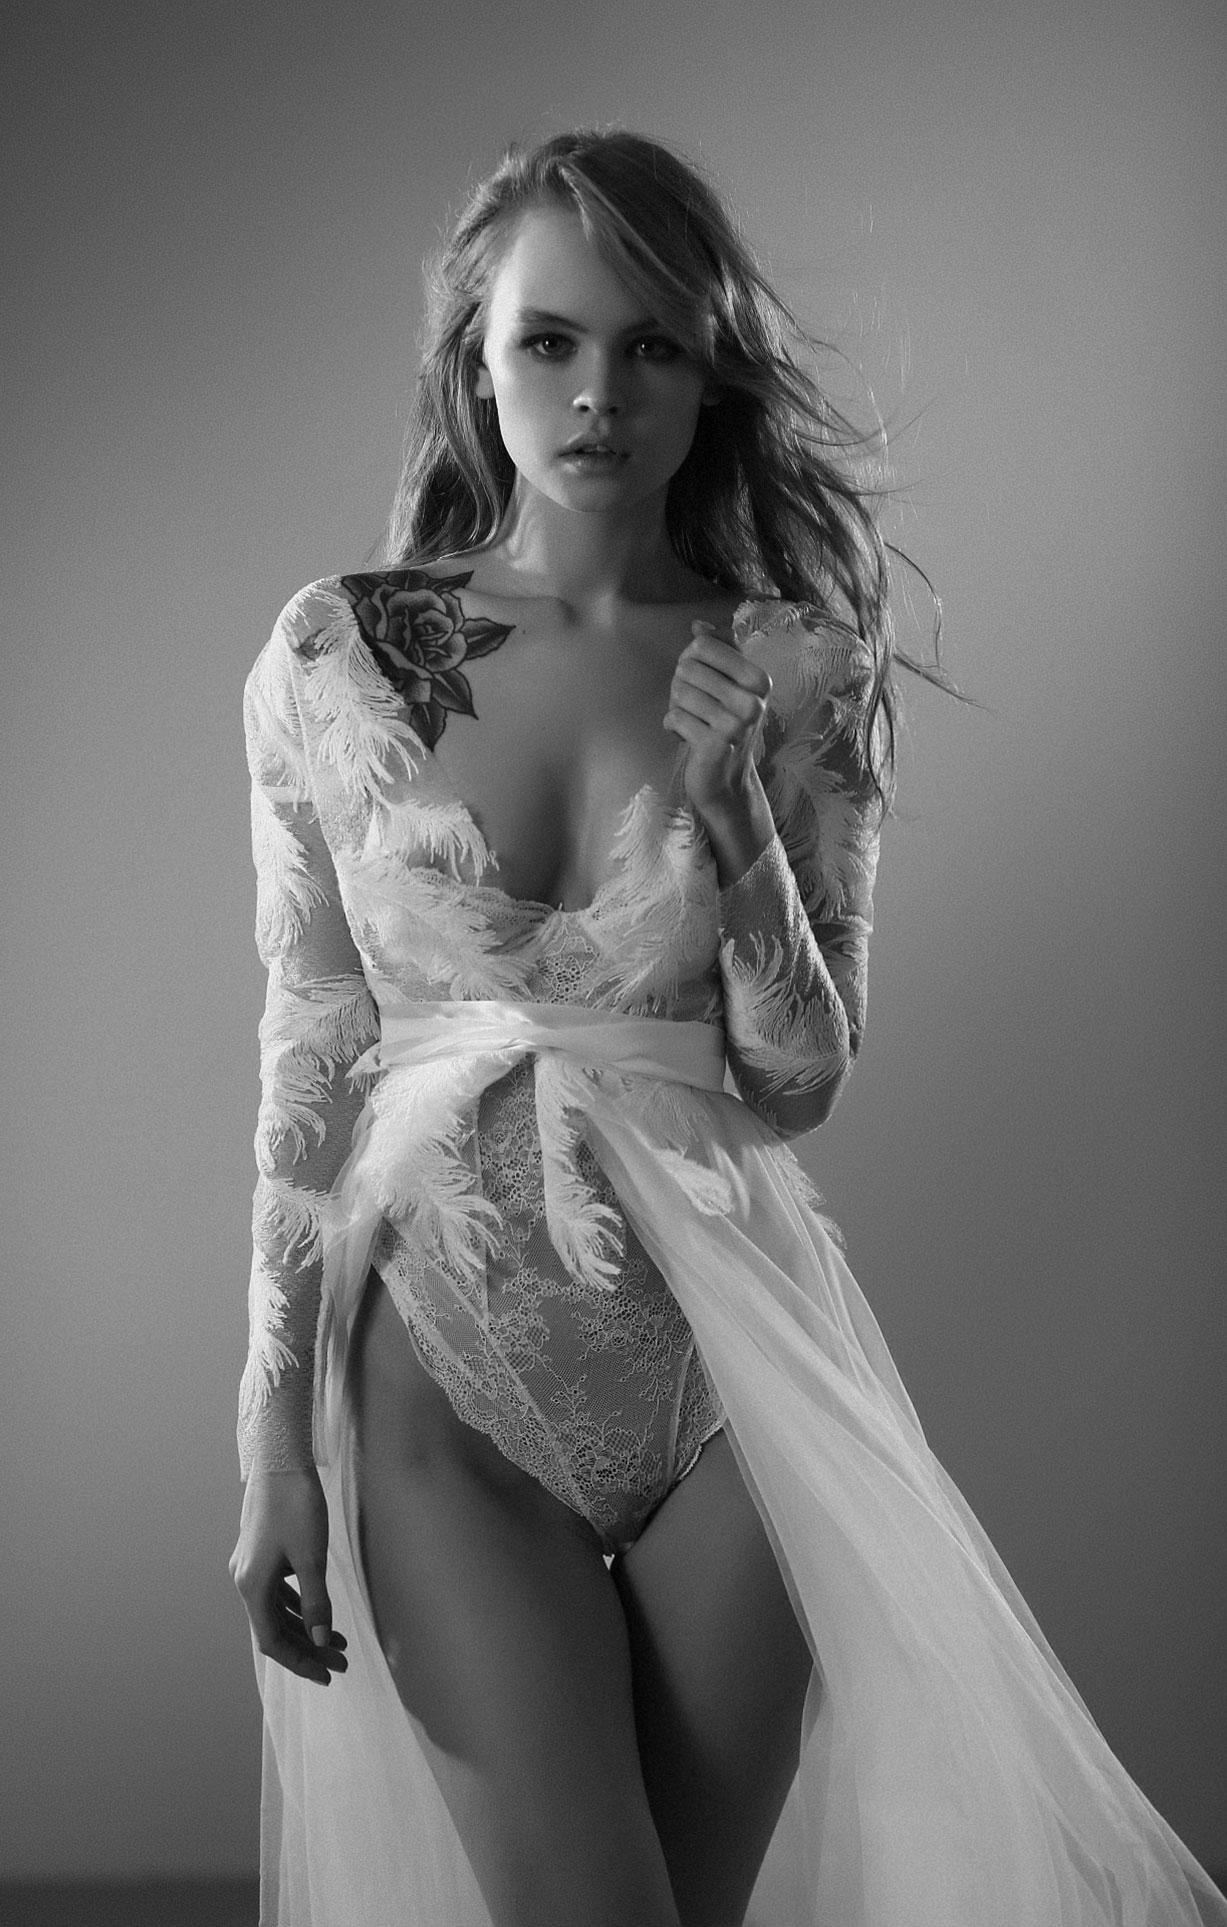 Анастасия Щеглова в нижнем белье для невесты / фото 07